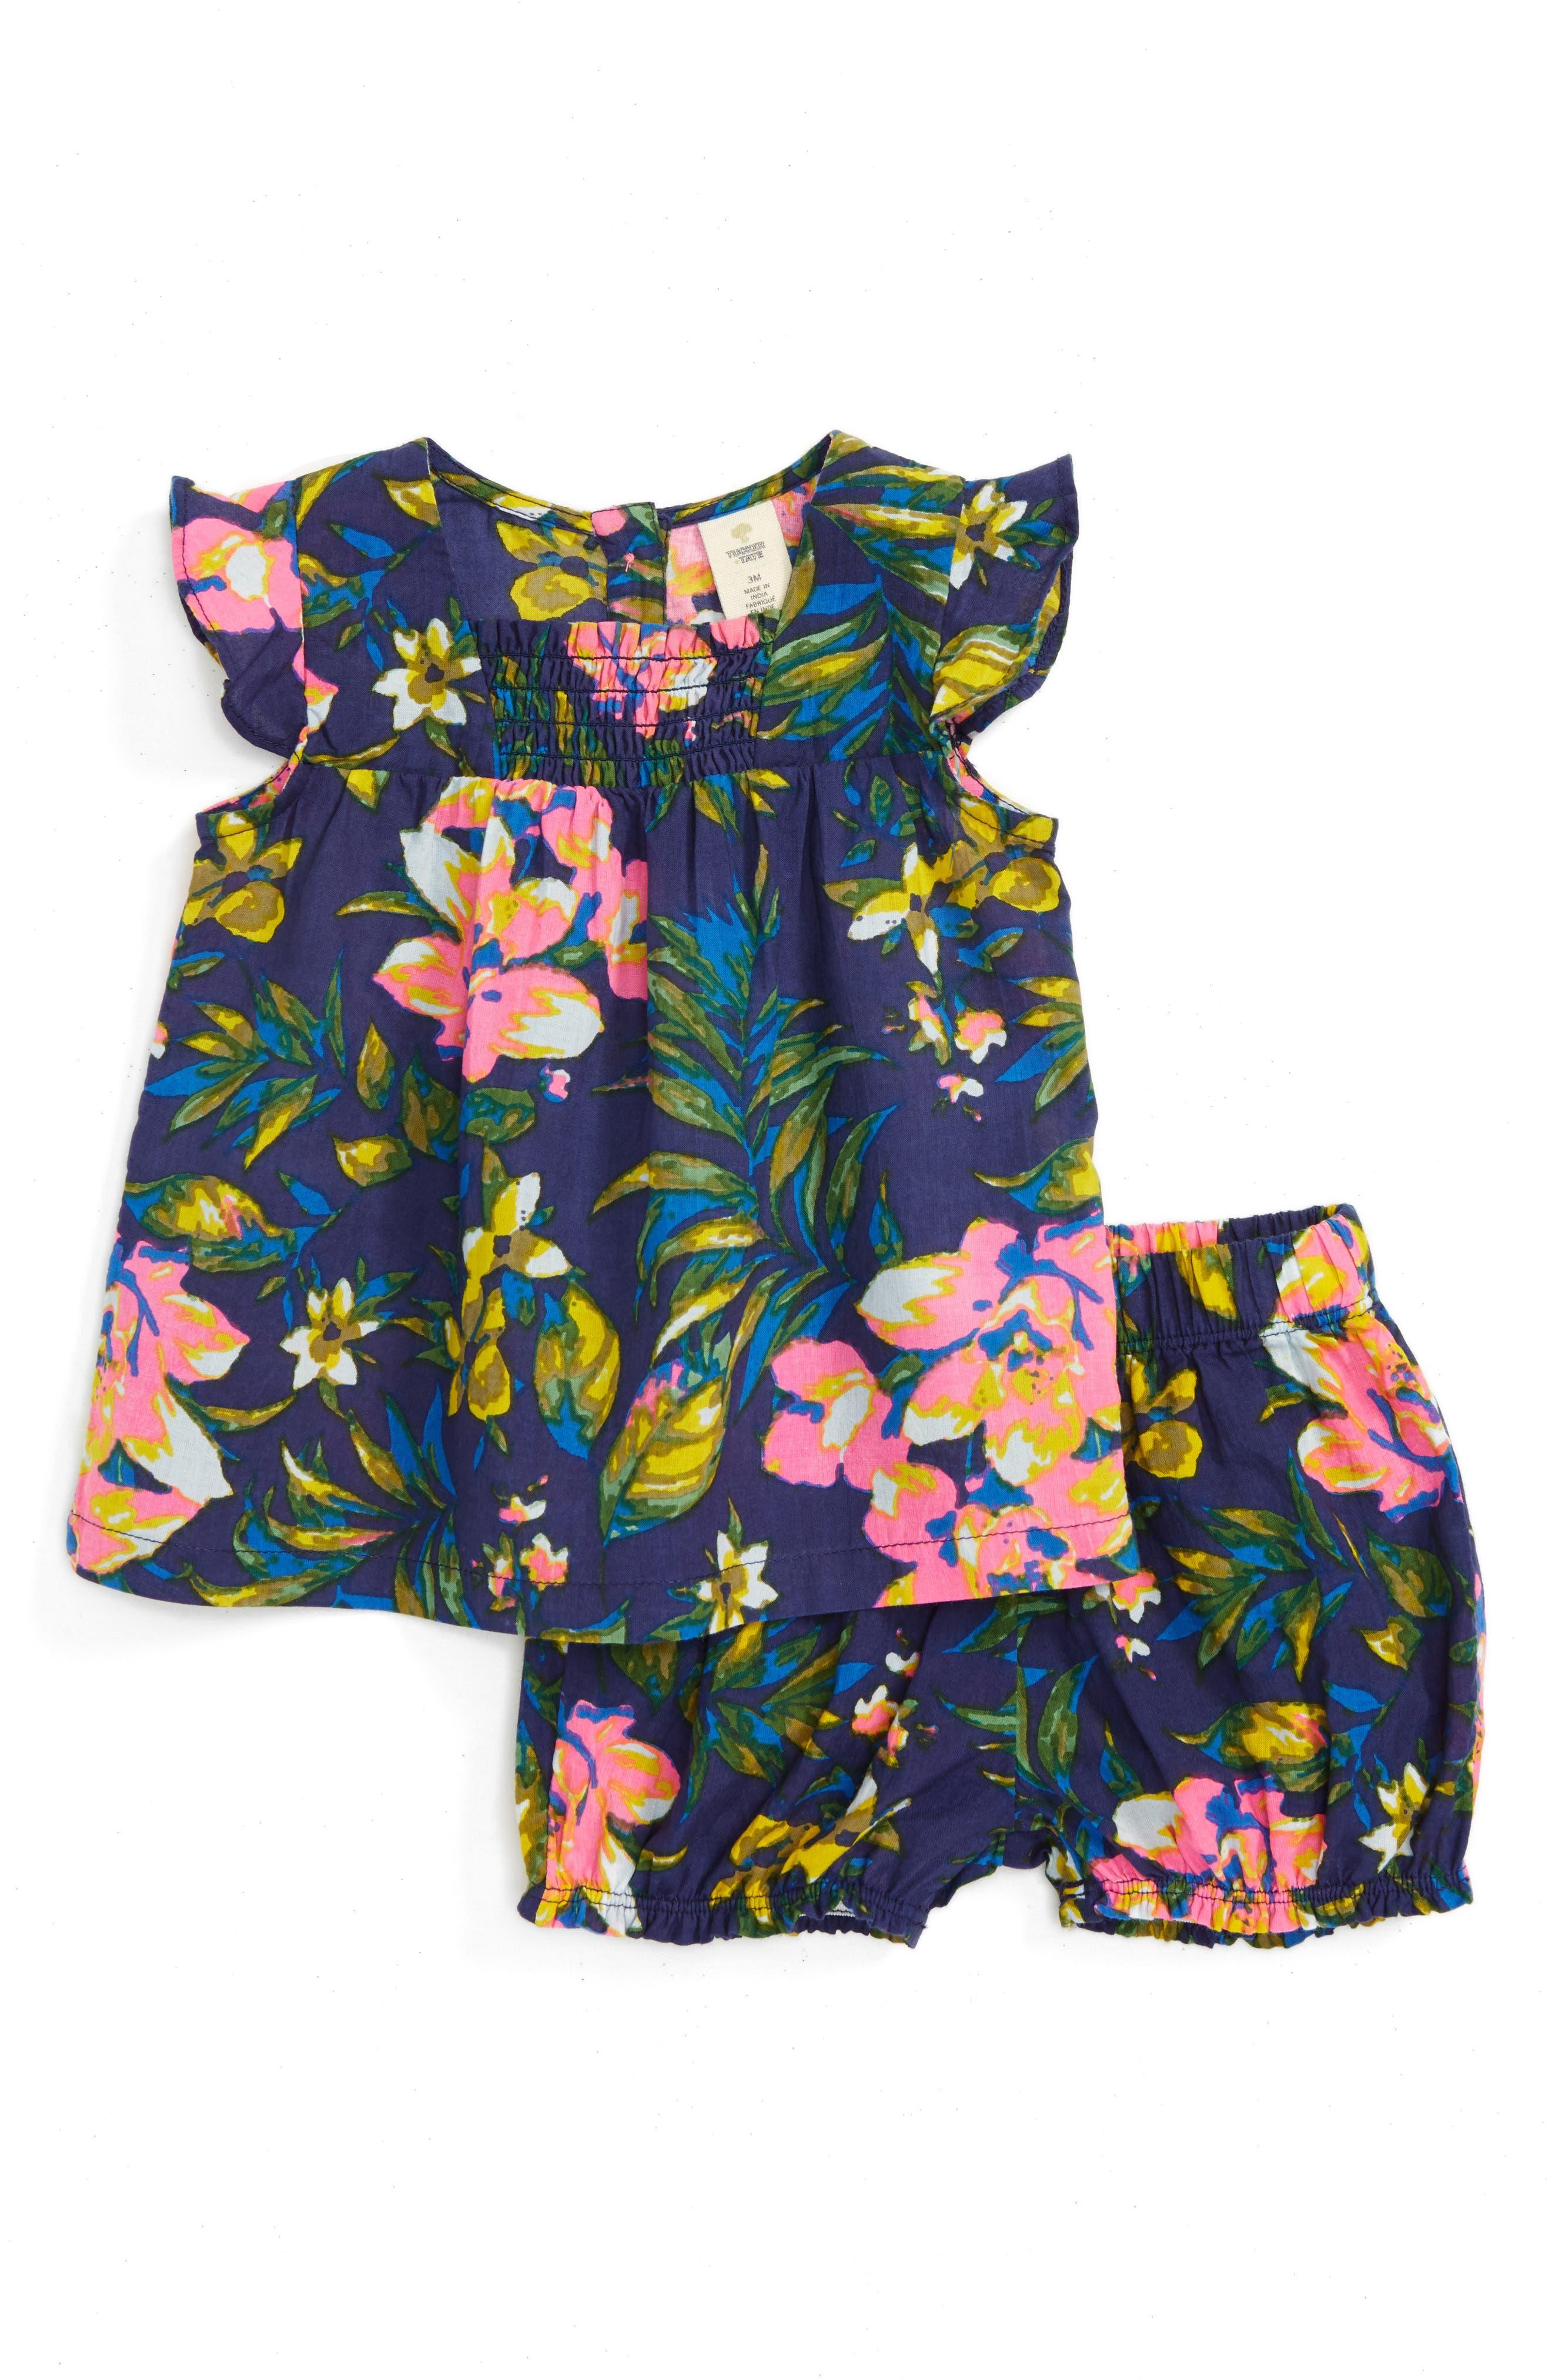 Tucker + Tate Smocked Top & Shorts Set (Baby Girls)